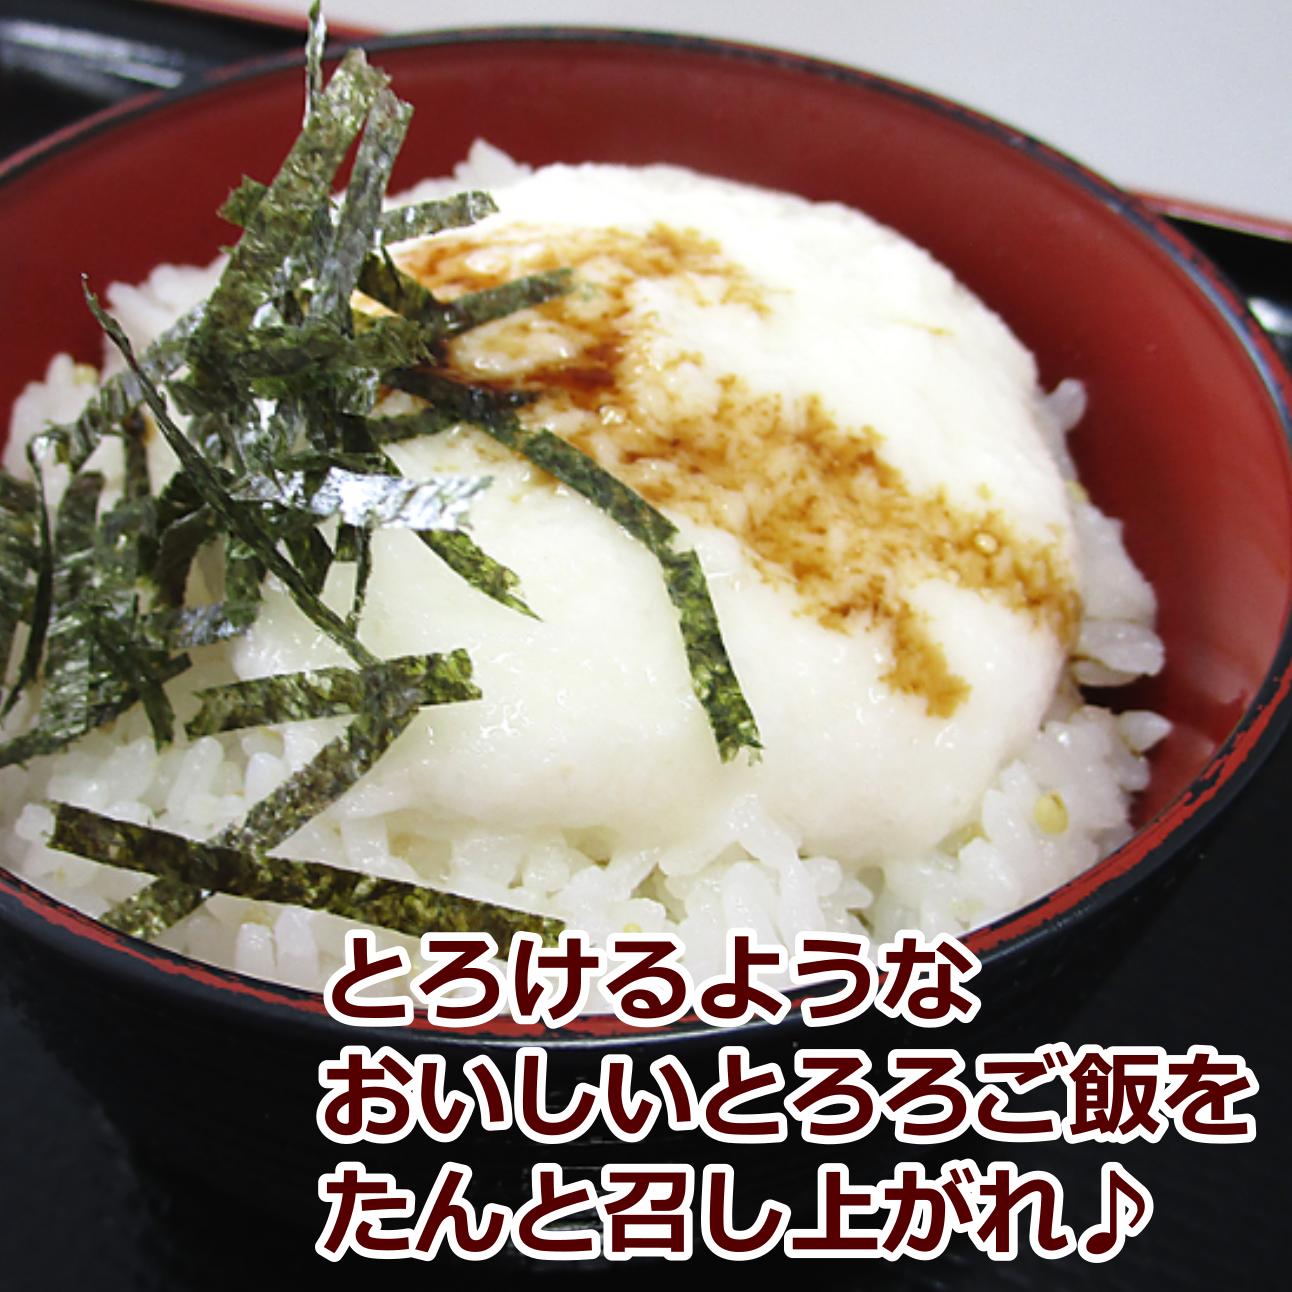 2gatsu_1500_3